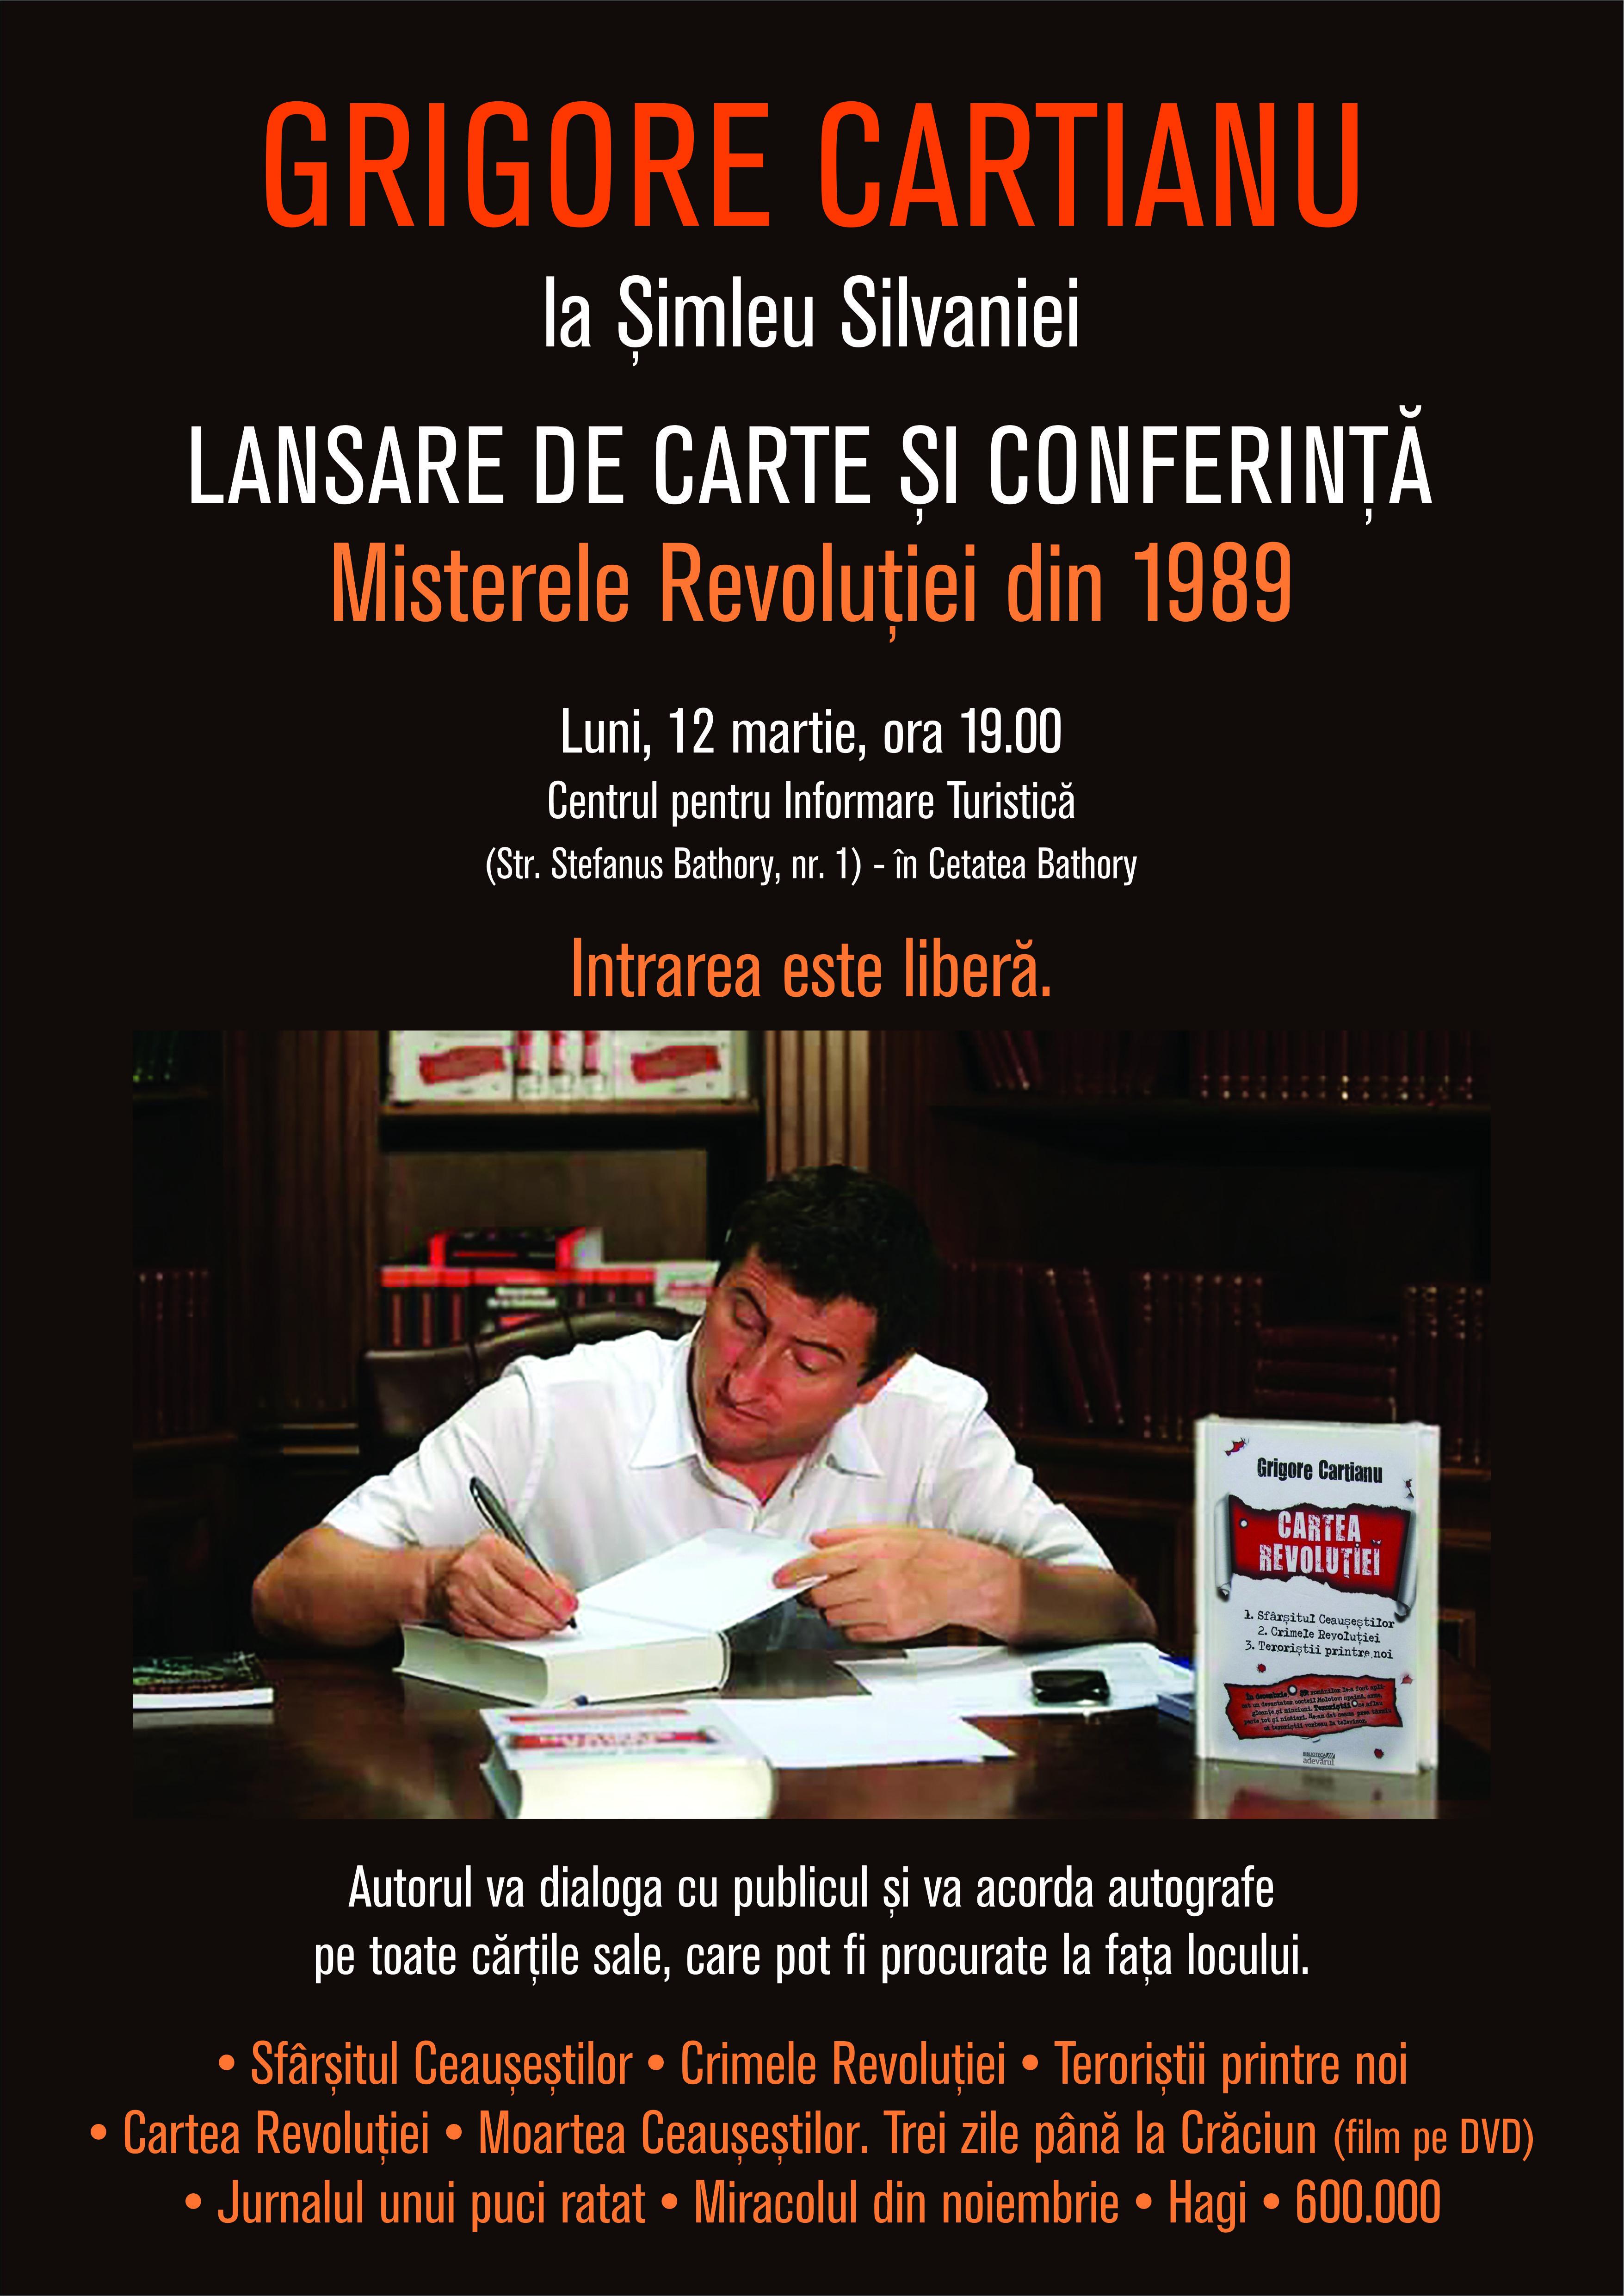 """Grigore Cartianu își va lansa cărțile la Șimleu Silvaniei, unde va vorbi despre """"Crimele Revoluției Române"""""""